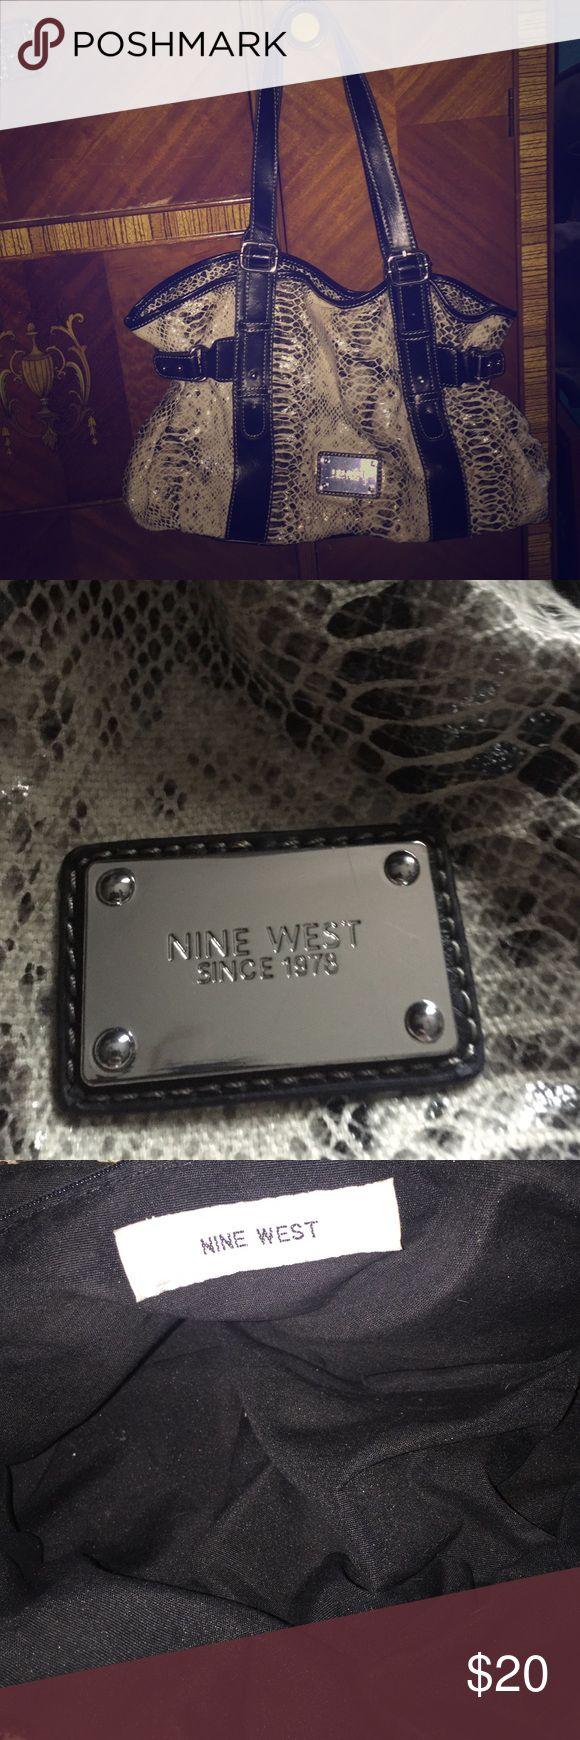 Nine West Purse Cute Nine West purse. Comment if questions 😊 Nine West Bags Shoulder Bags